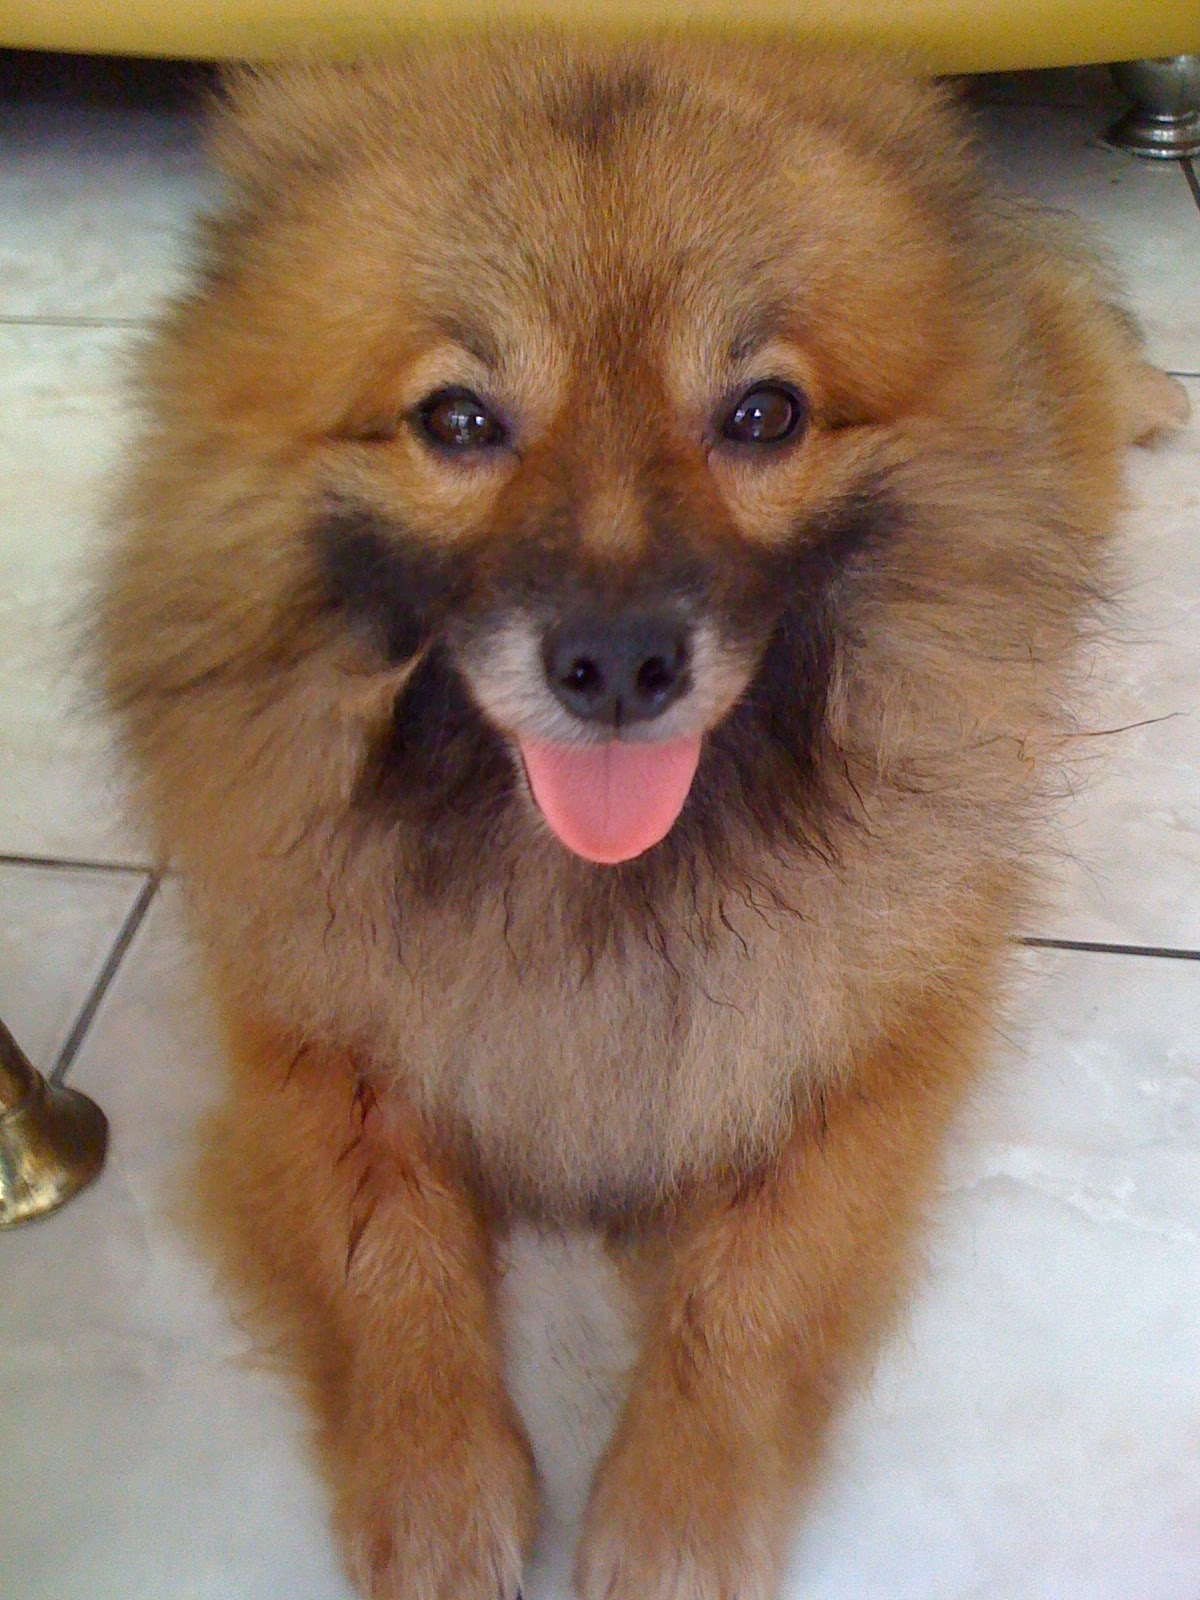 Kamus Anjing Dwarf KeesHond Pomeranian Small KeesHond Small